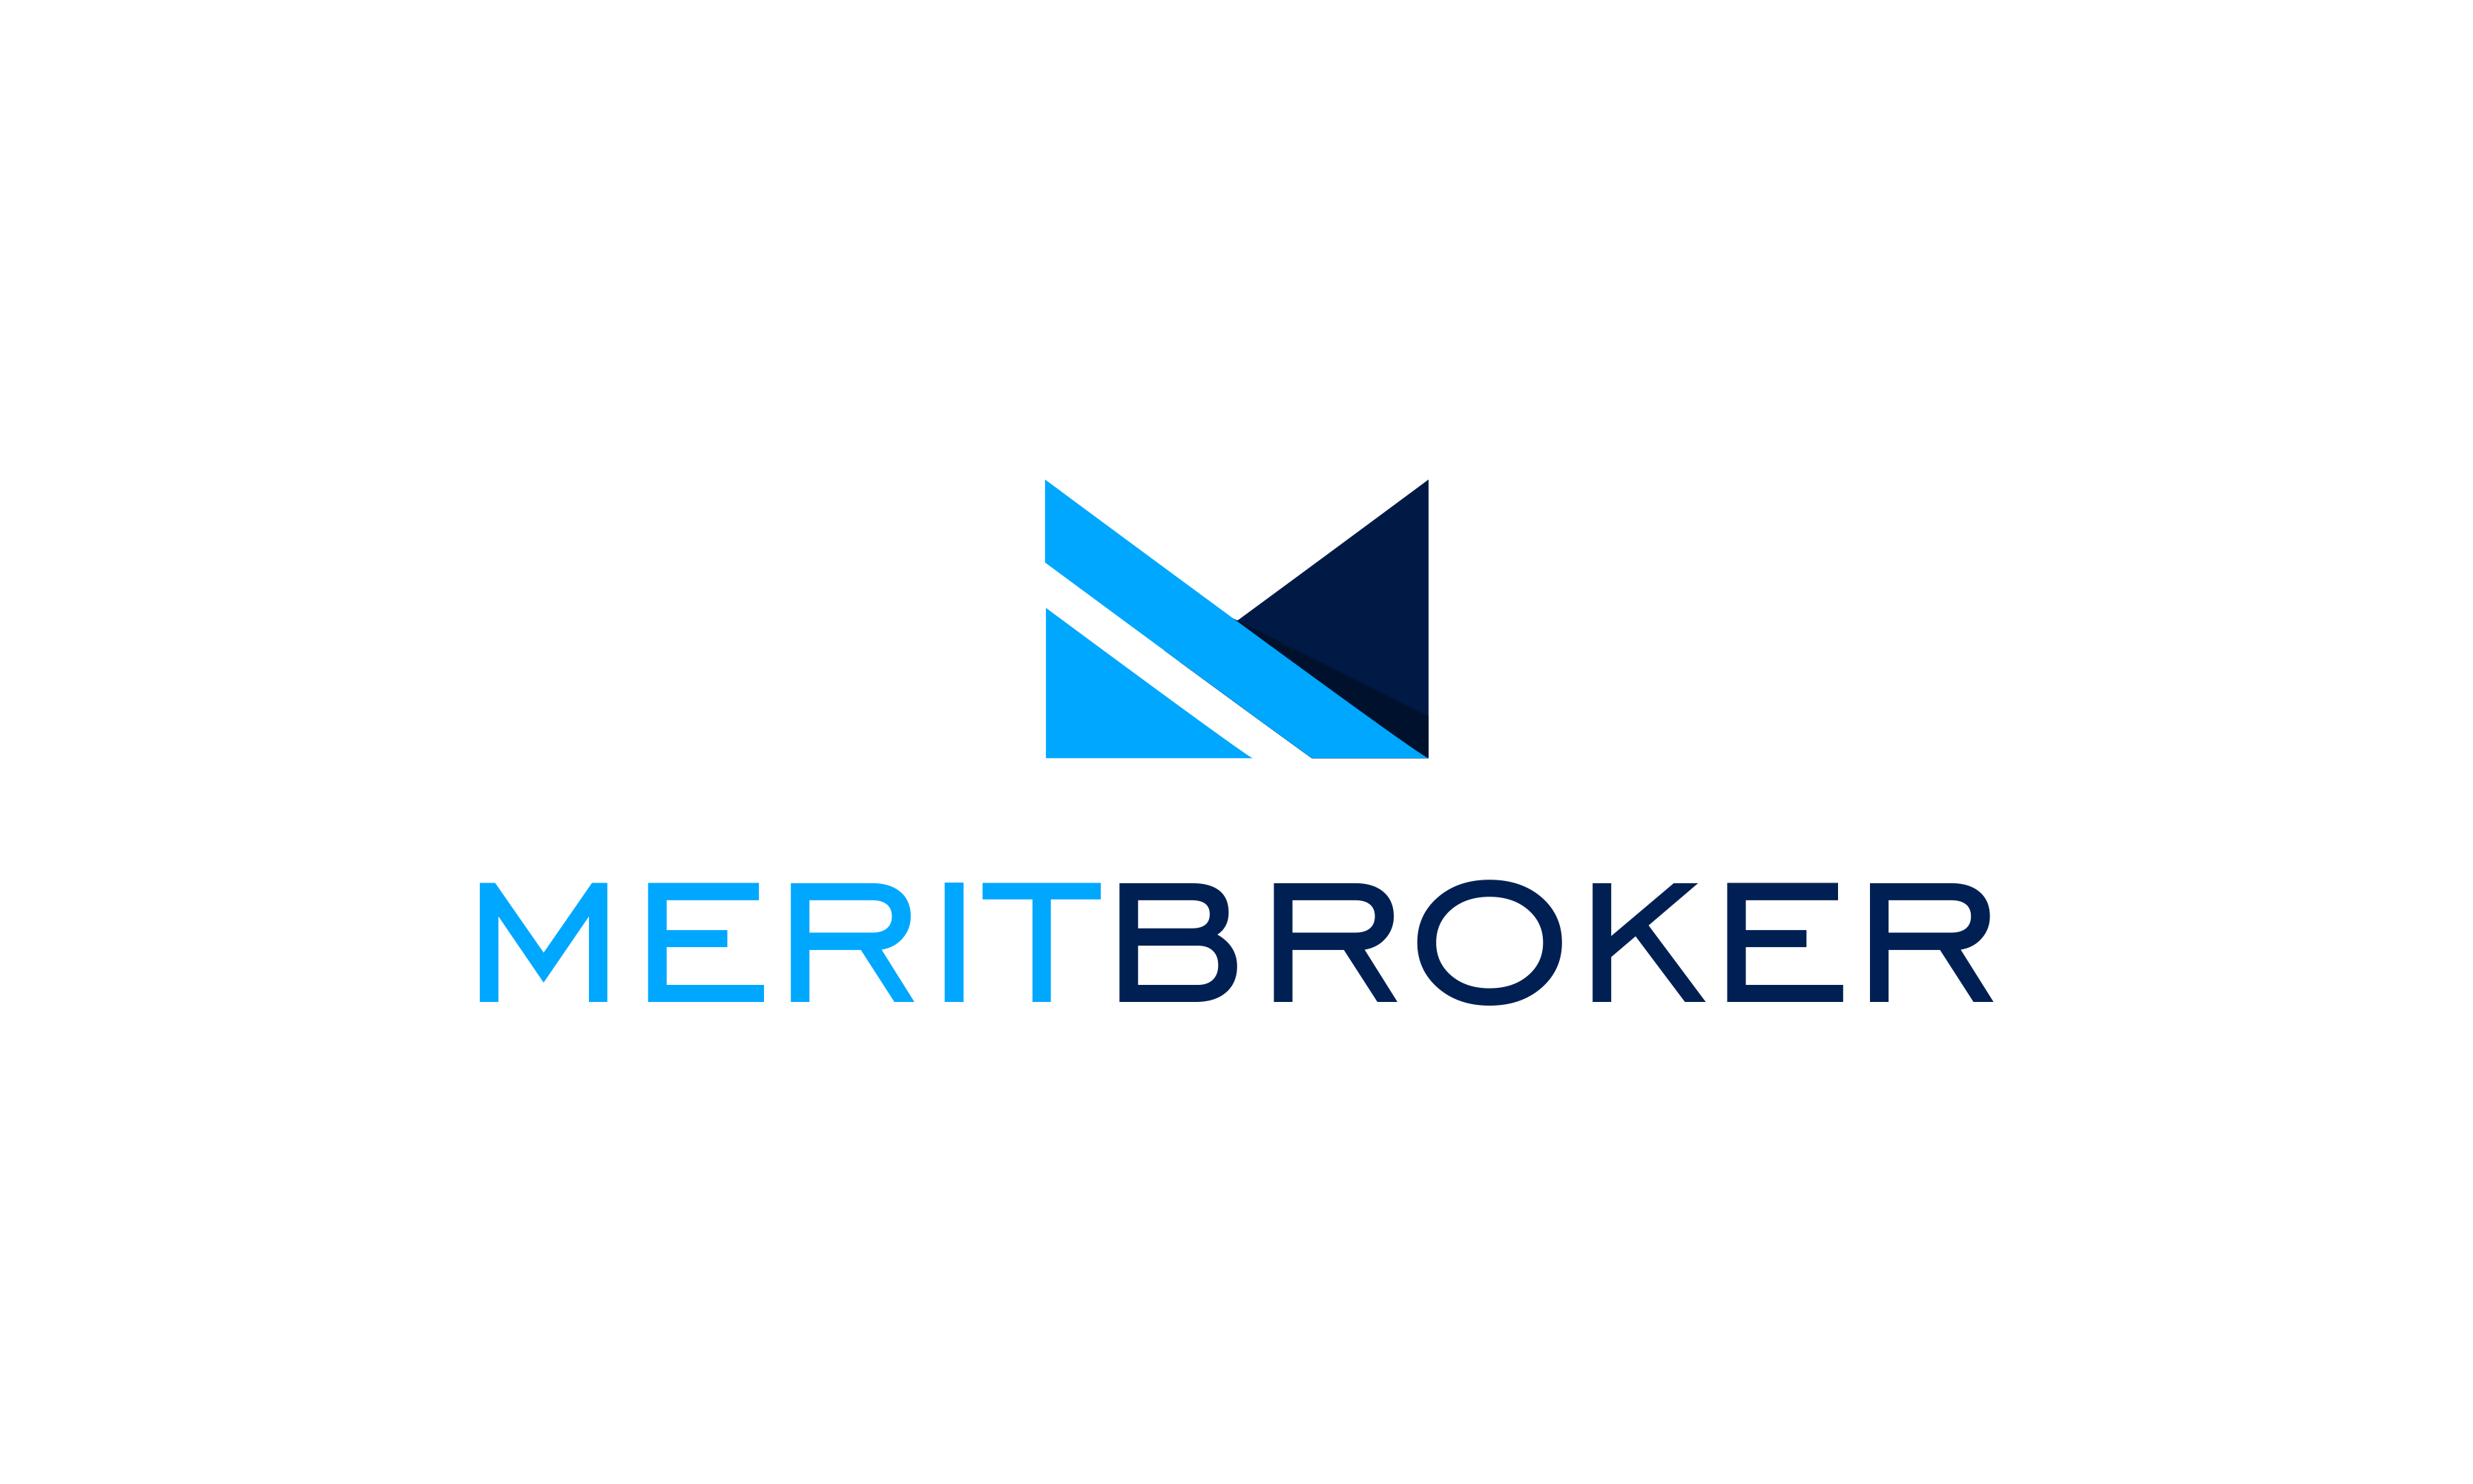 MeritBroker logo